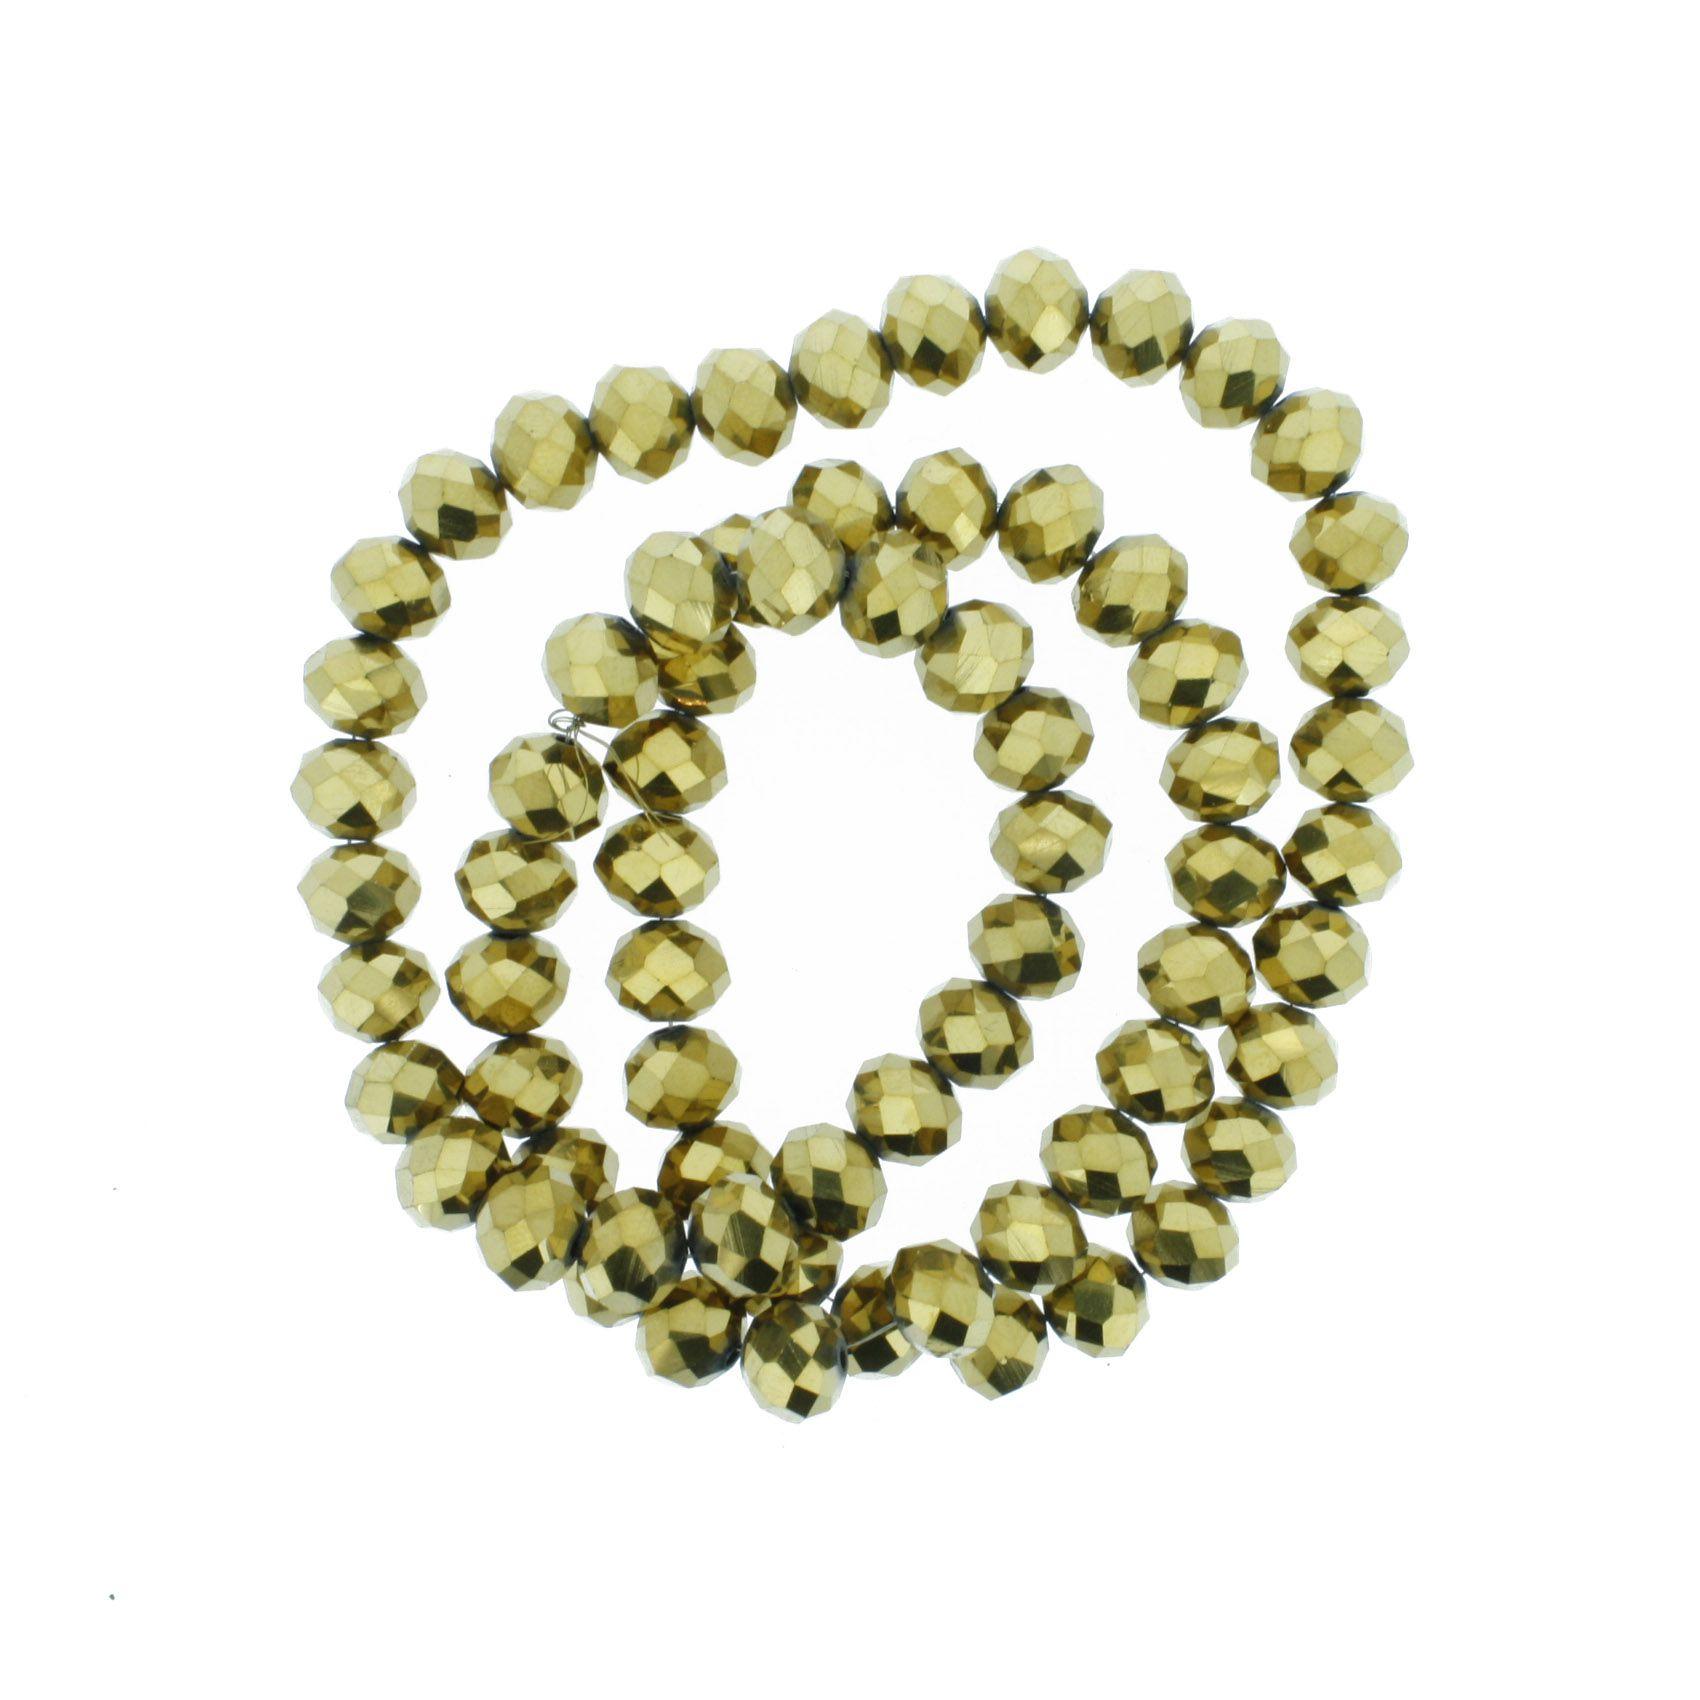 Fio de Cristal - Piatto® - Dourado - 10mm  - Universo Religioso® - Artigos de Umbanda e Candomblé